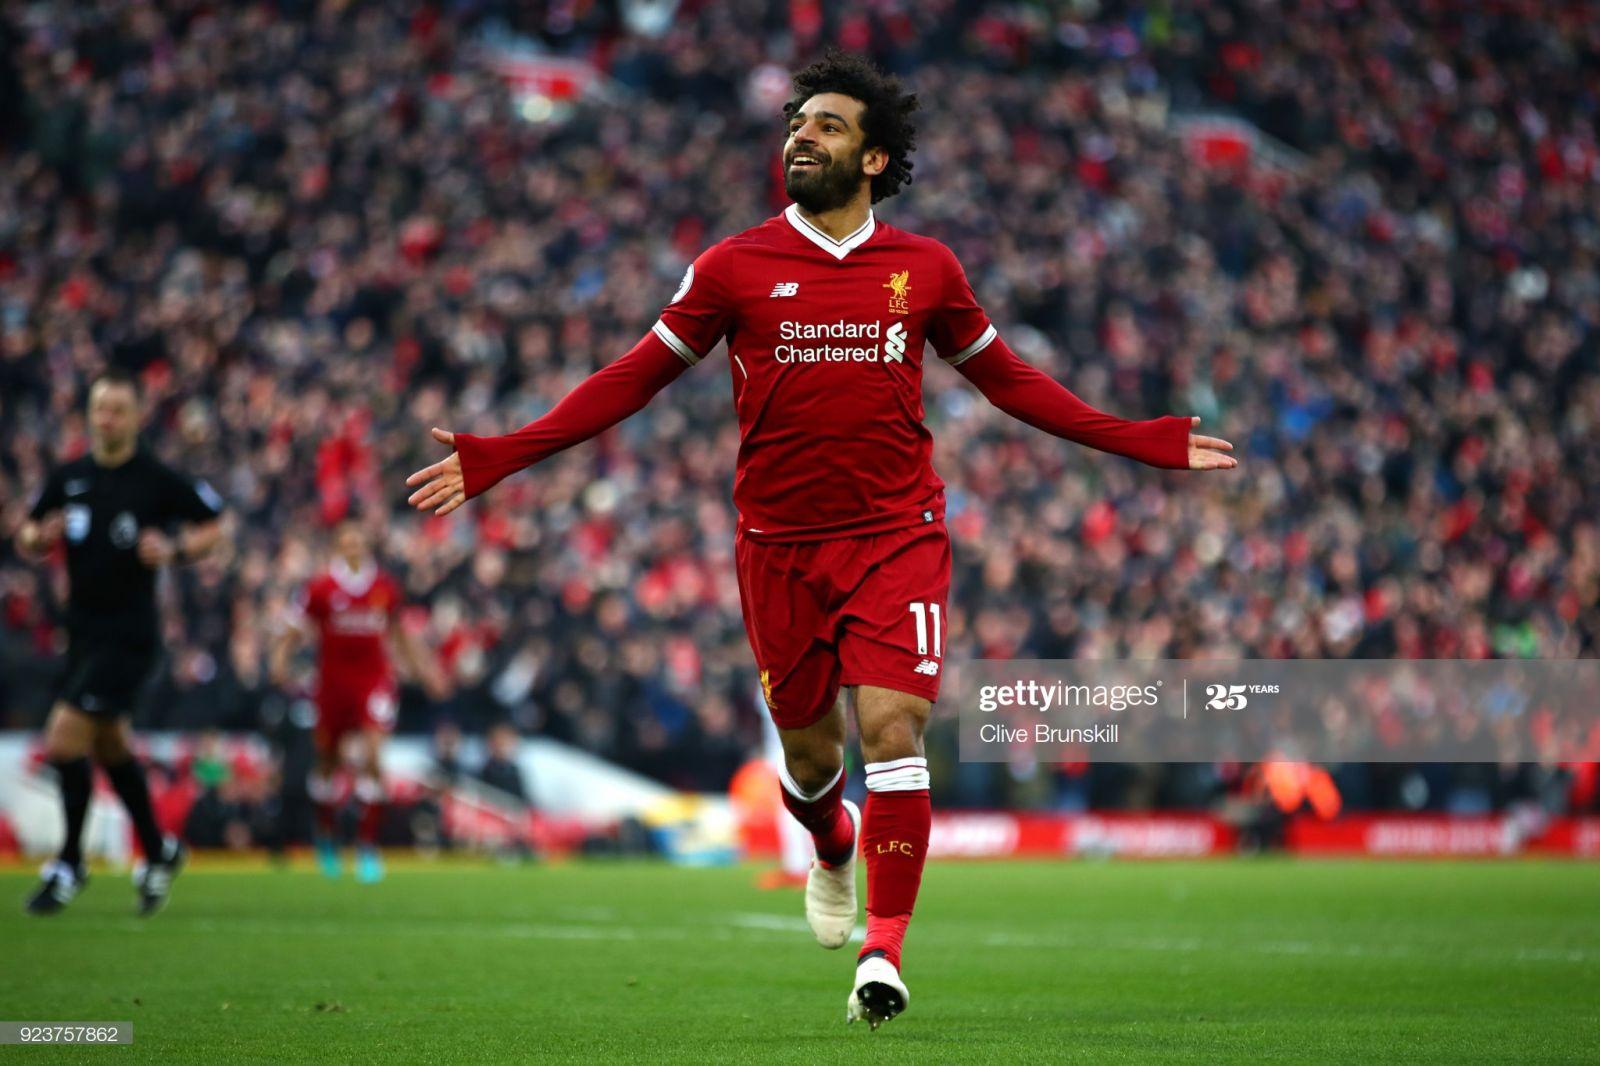 Salah comemorando o gol.Reprodução/Foto:Clive Brunskill/Getty images